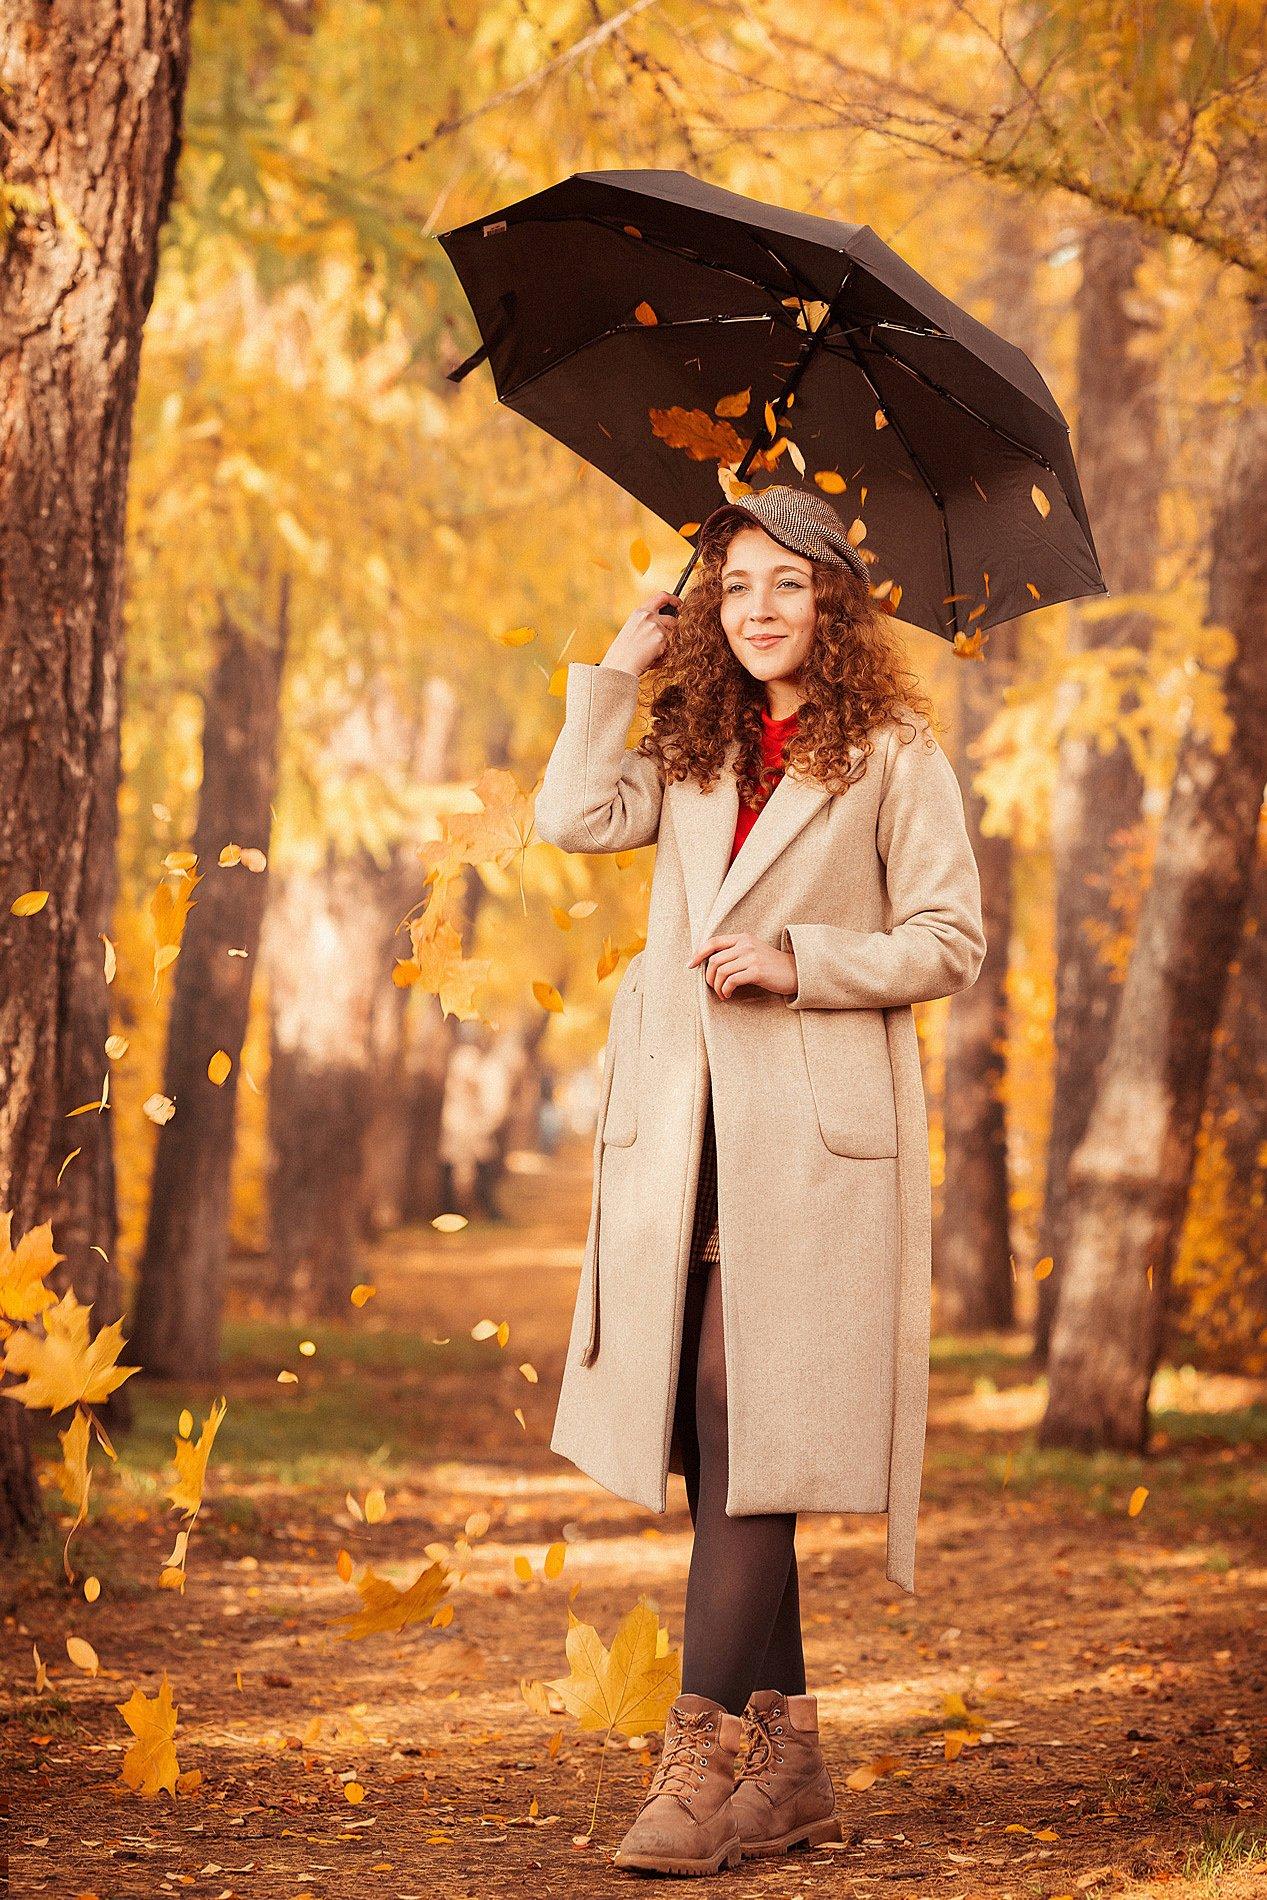 девушка, осень, листья, оранжевый, желтый, модель, красота, пальто, зонт, аллея, парк, кудри, волосы, Косарева Анастасия